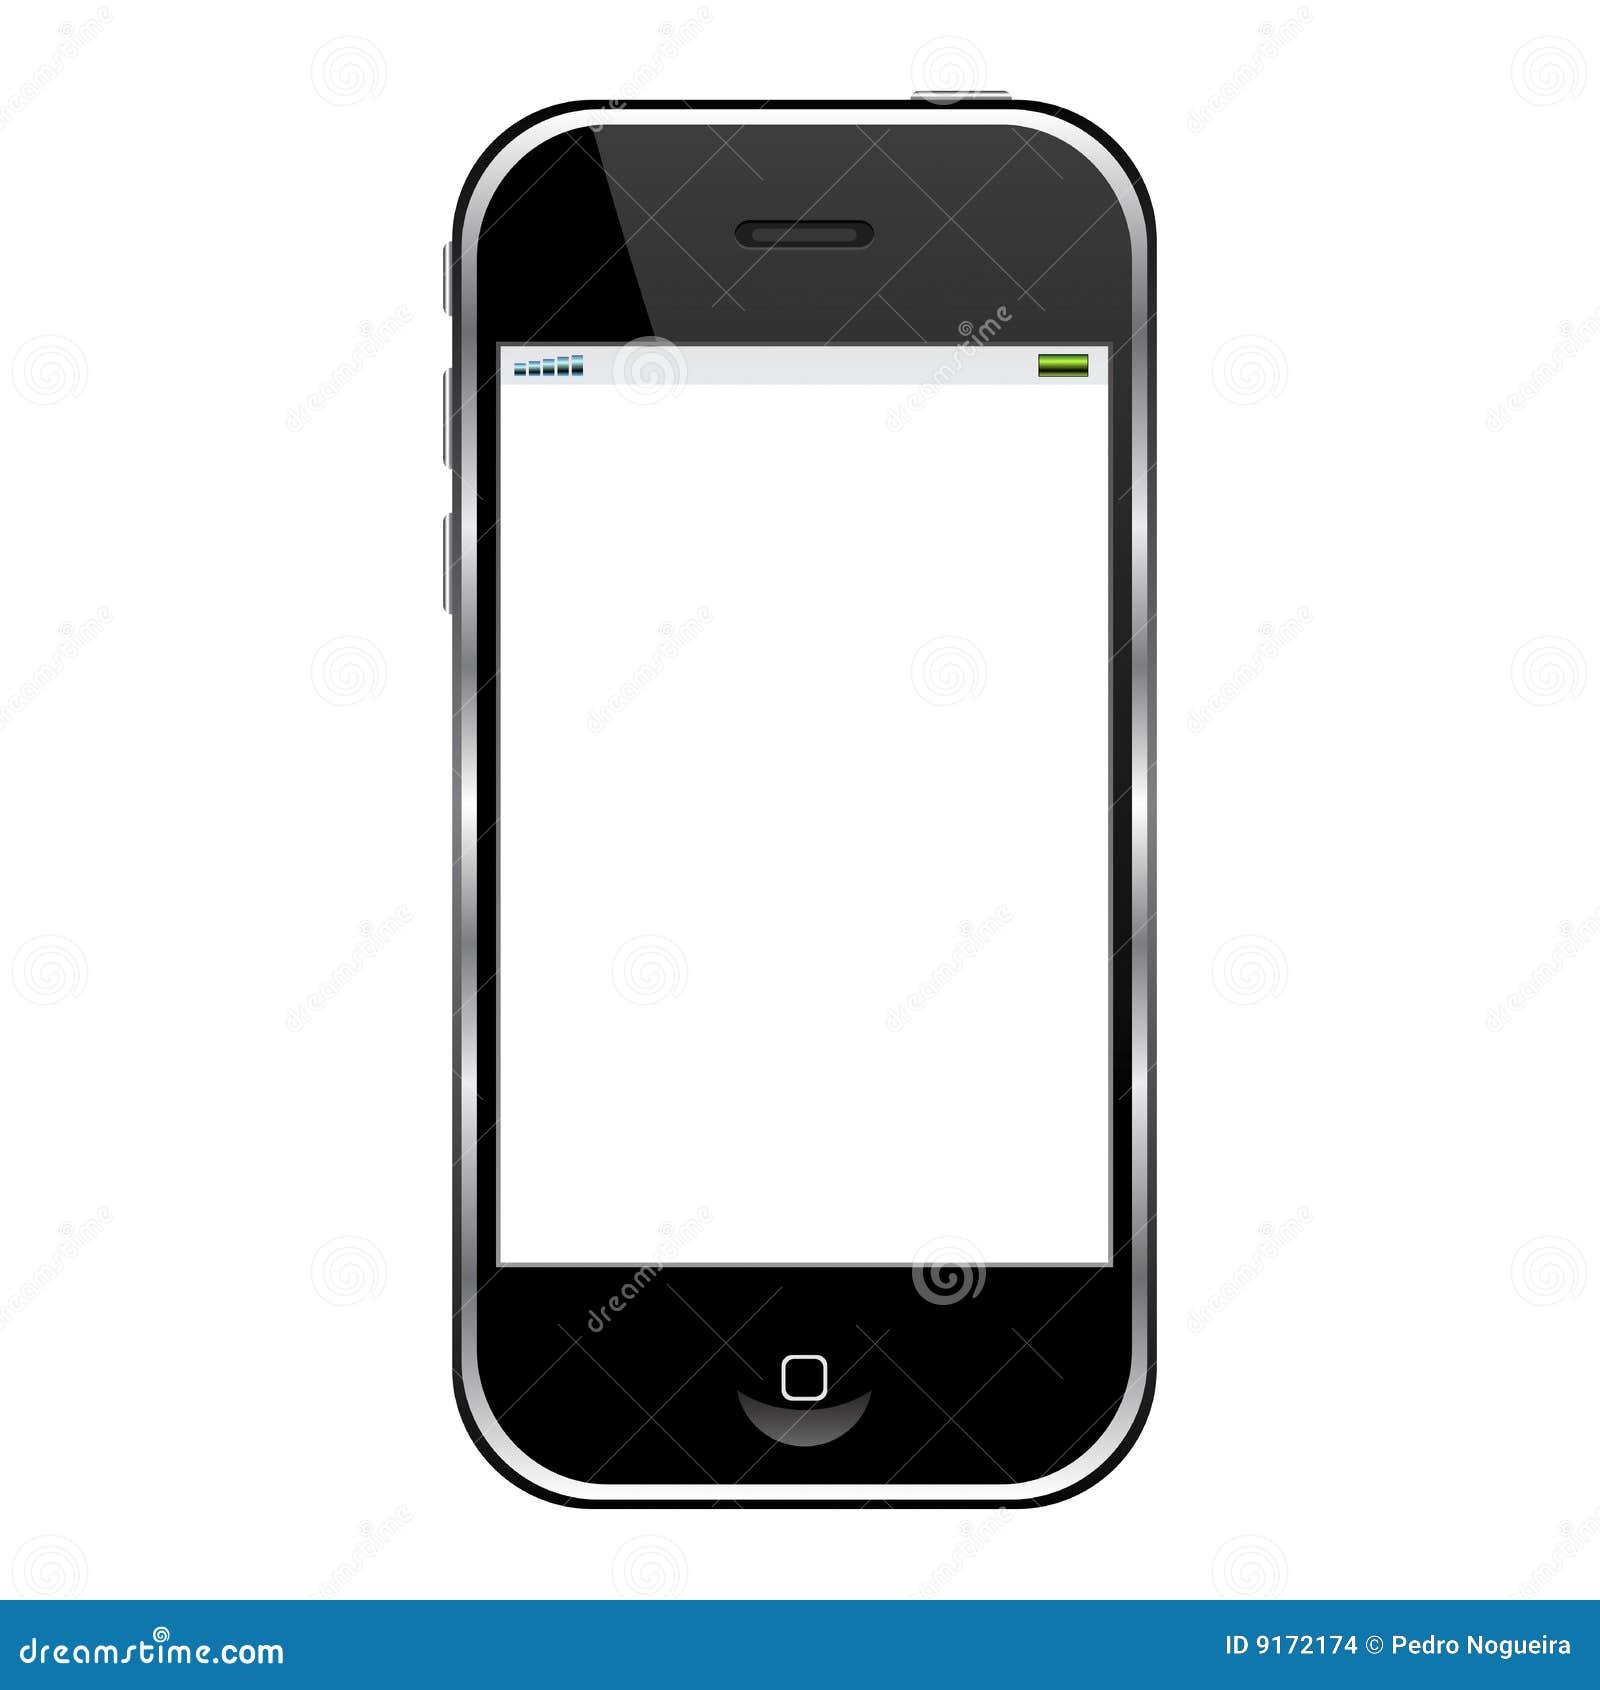 Tel fono celular moderno imagenes de archivo imagen 9172174